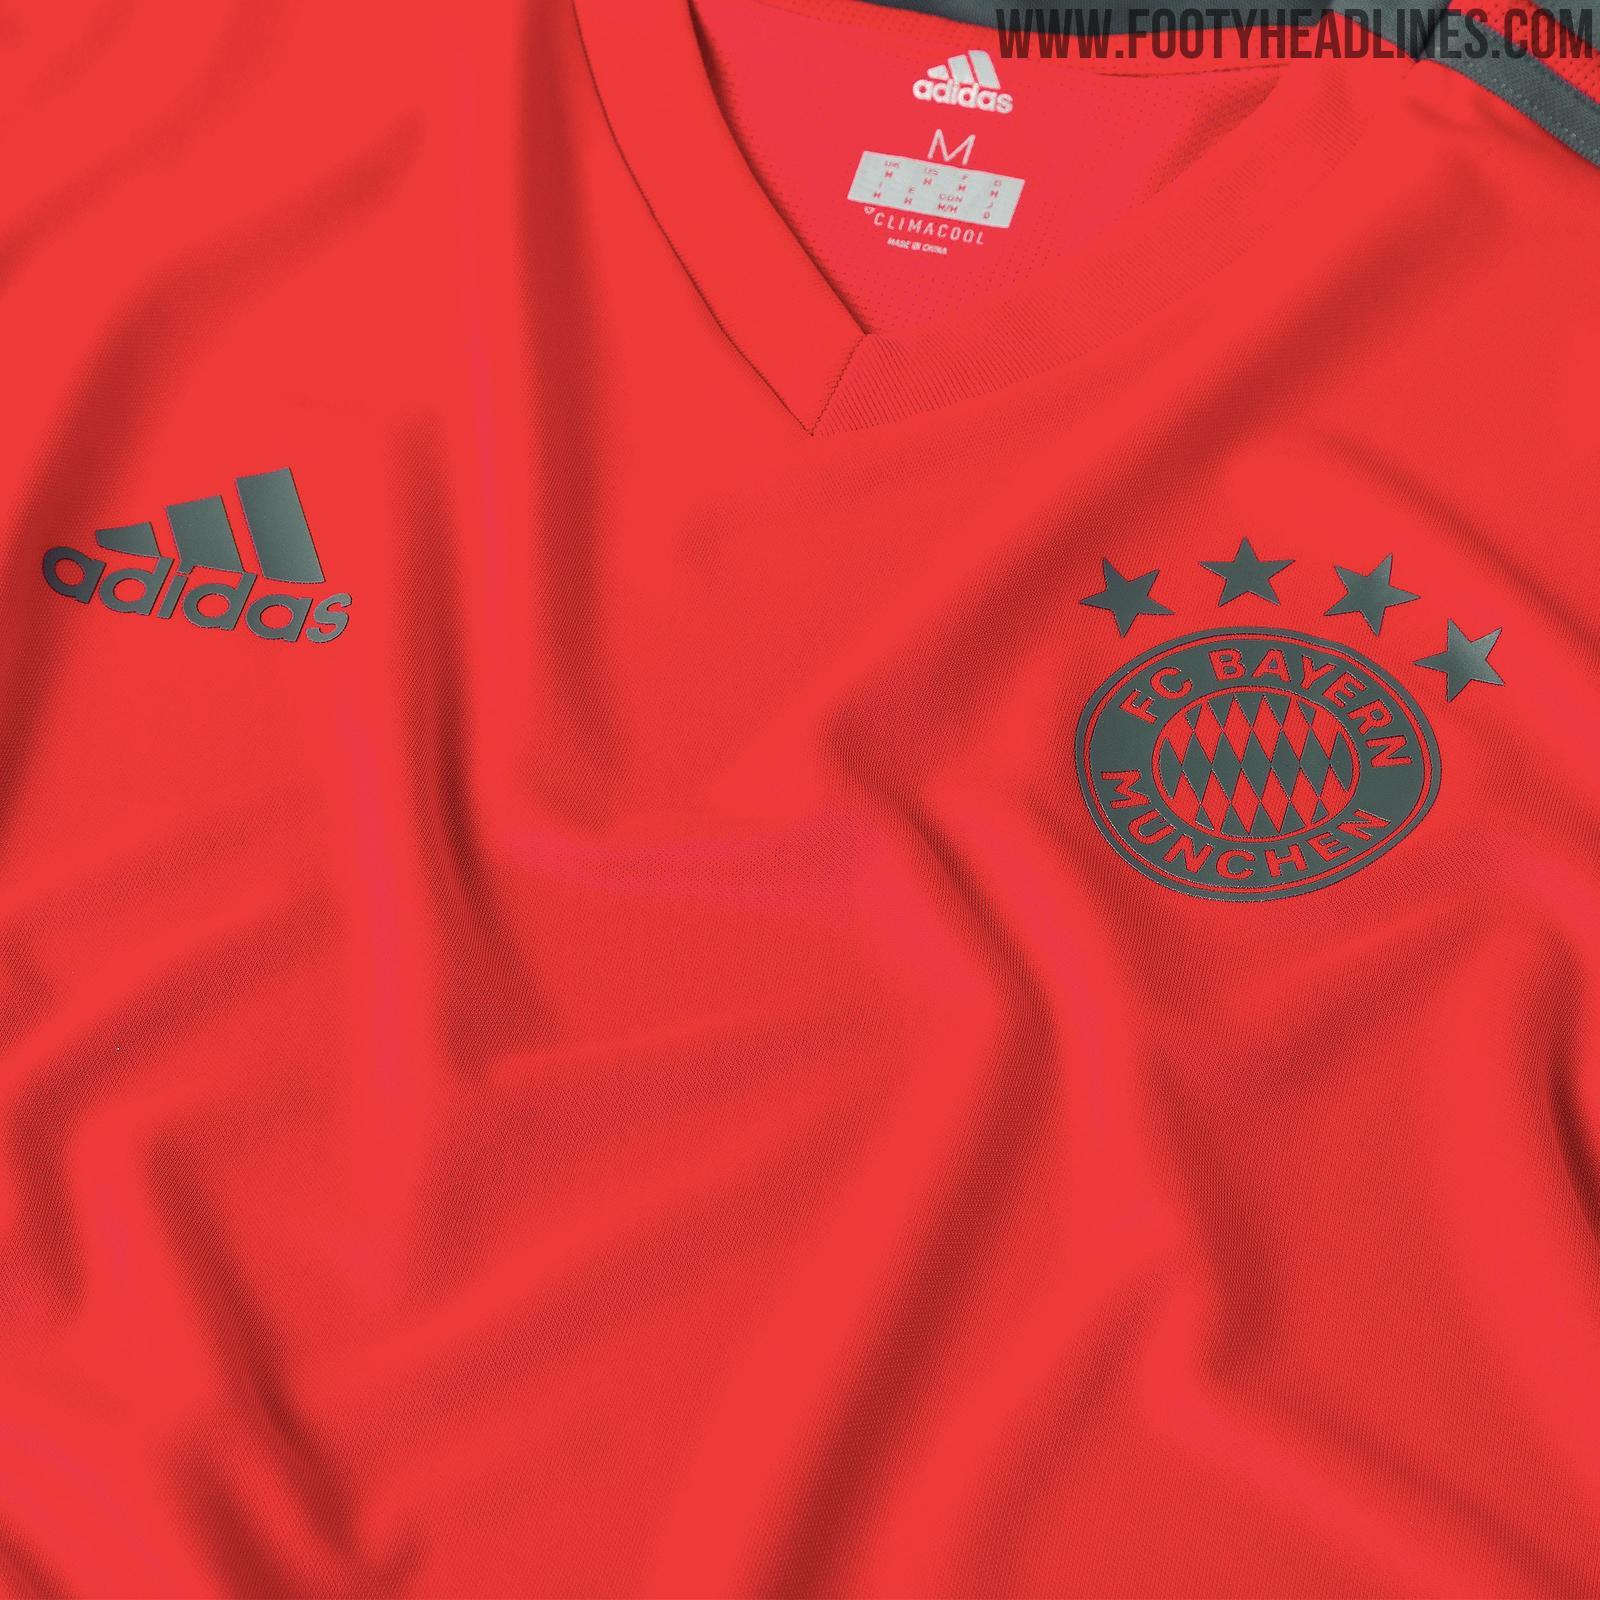 newest 2f13b 4afb3 Bayern Munich 18-19 Training Kit Released | Futbolgrid